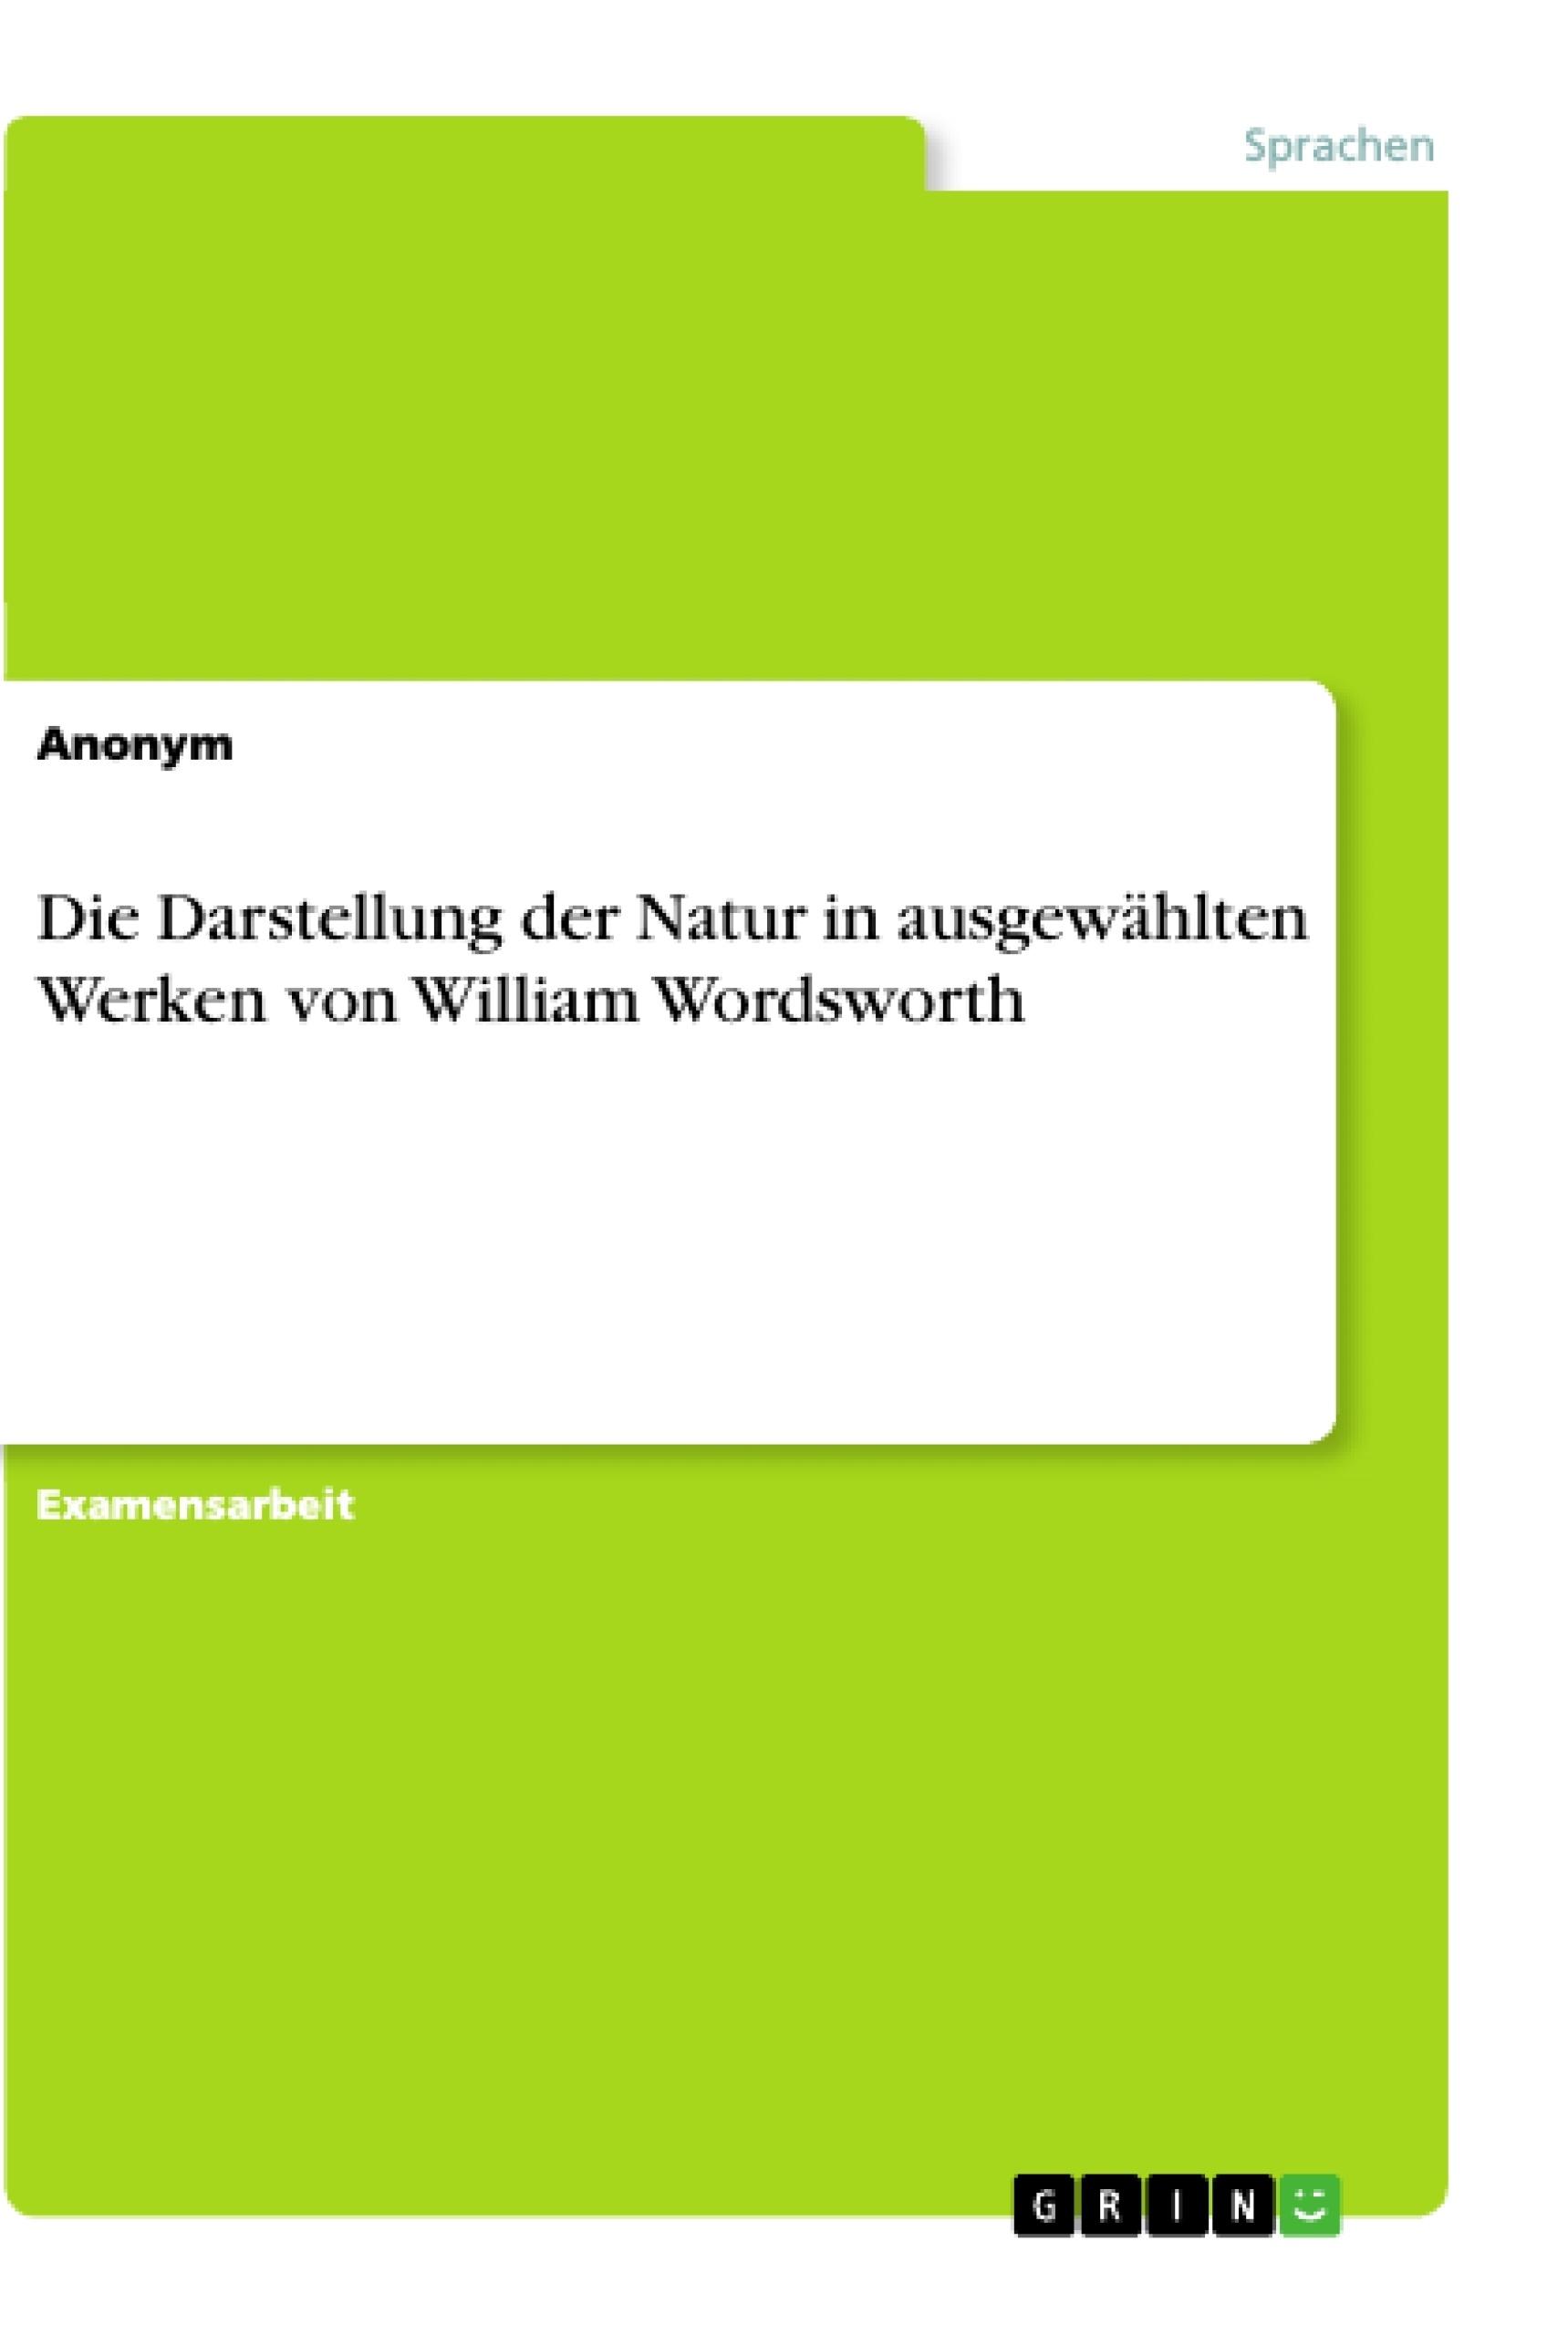 Titel: Die Darstellung der Natur in ausgewählten Werken von William Wordsworth